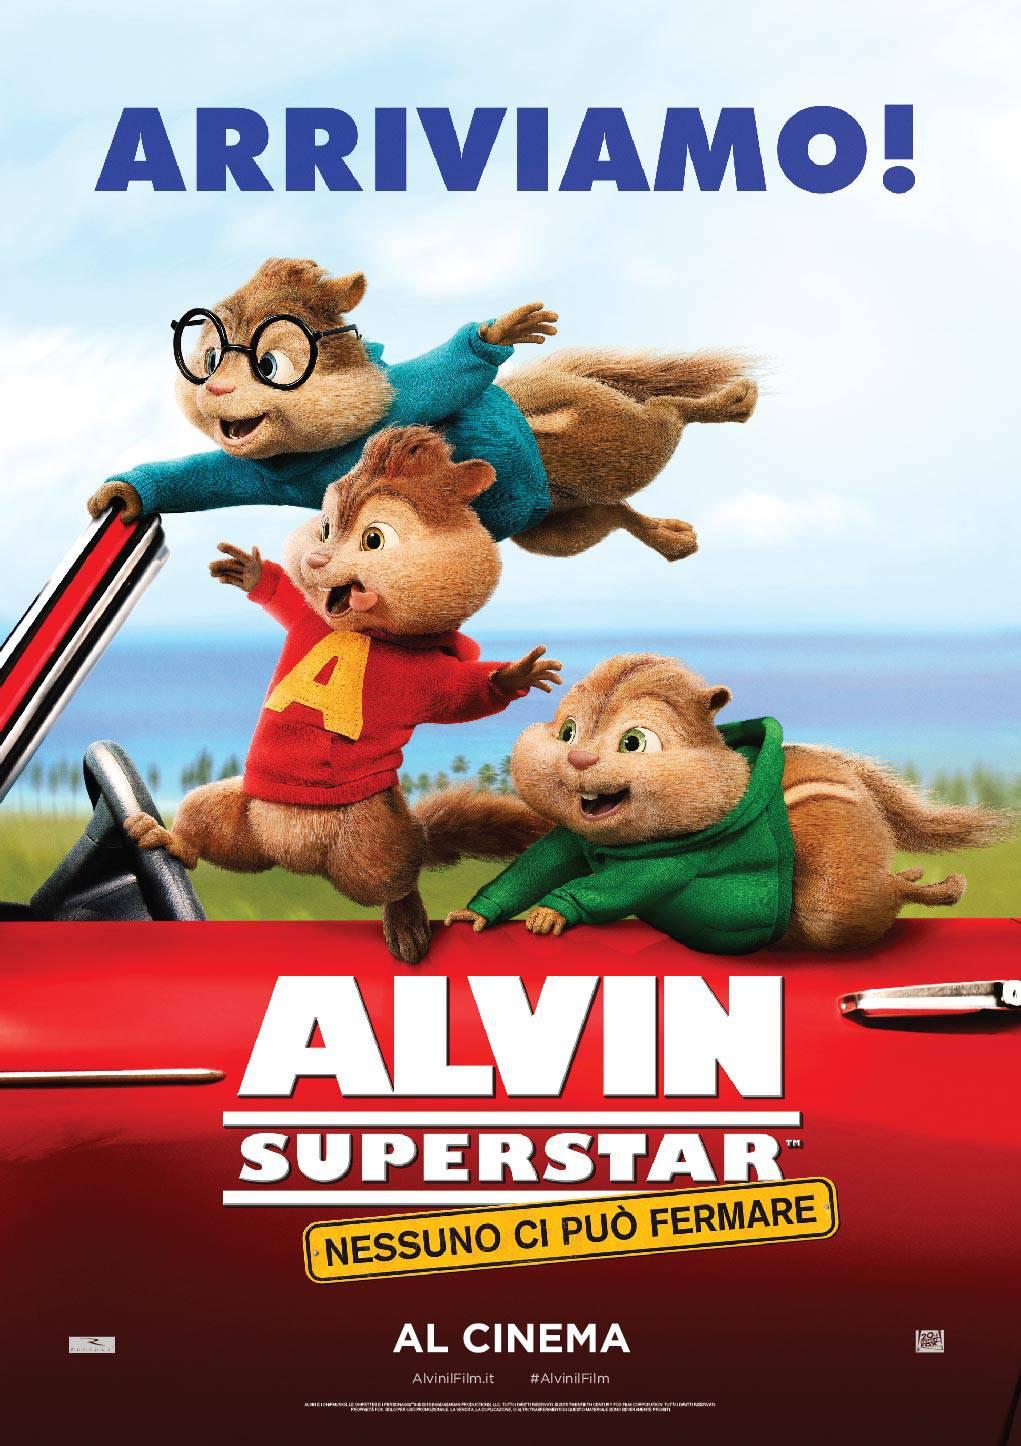 ALVIN_CmpE_70x100-01